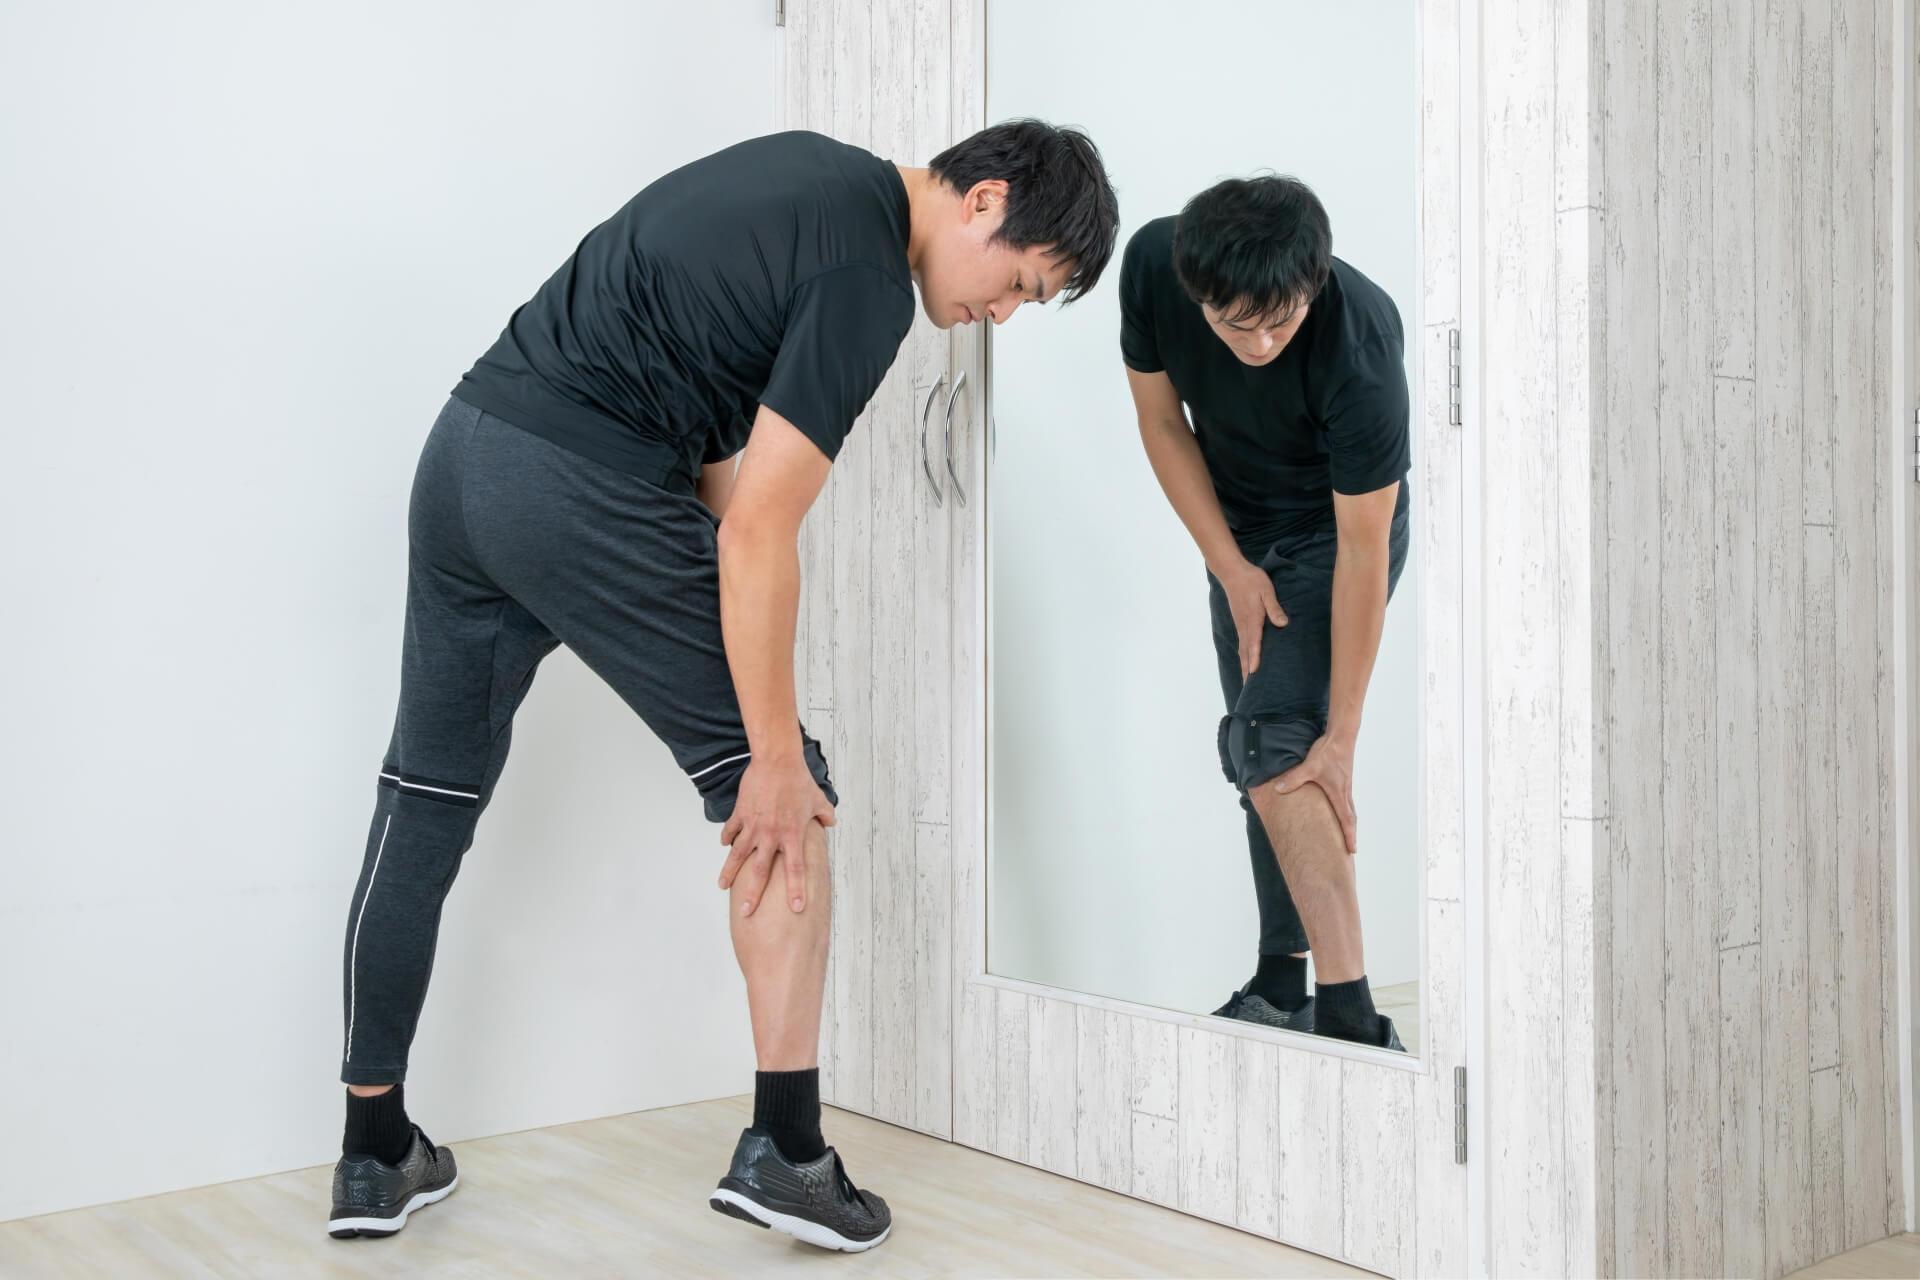 男性が脛を抑えている写真